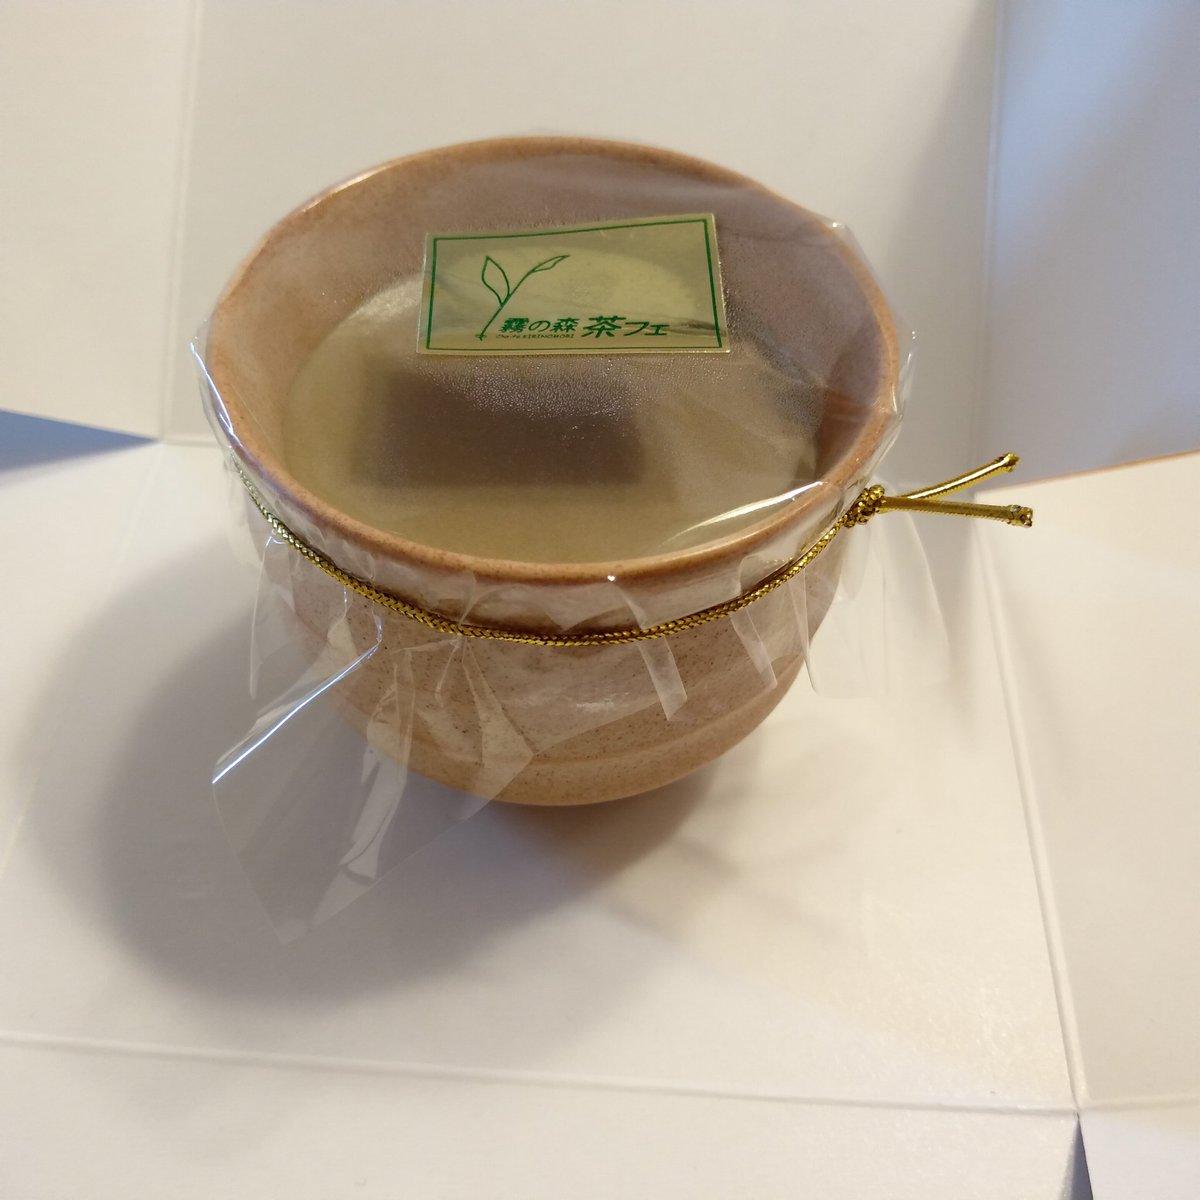 test ツイッターメディア - 霧の森菓子工房の、煎茶プリン。甘過ぎず抹茶の苦み渋み苦手な方にもおすすめ。たべたあとは湯呑み茶碗として再利用できるな。大福の個売りは12時頃には売り切れていて8個詰めのを3箱大阪へ送ってみた。ホンマに美味しいんやろなぁ?! https://t.co/QHL2ZXa38b